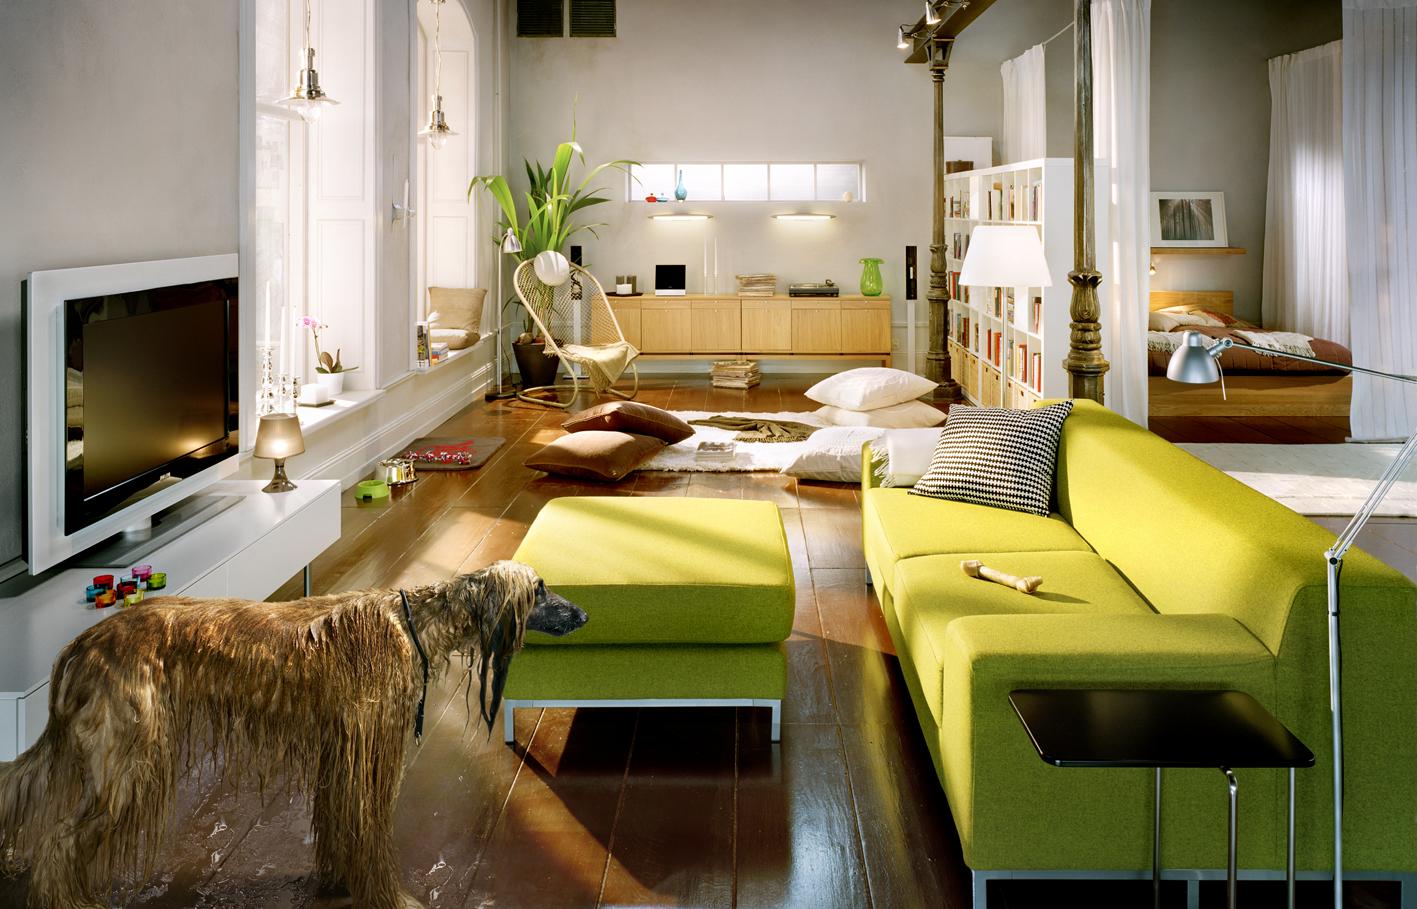 Living Room Family Room Interior Design home interior design ideas vibrant family room idea http